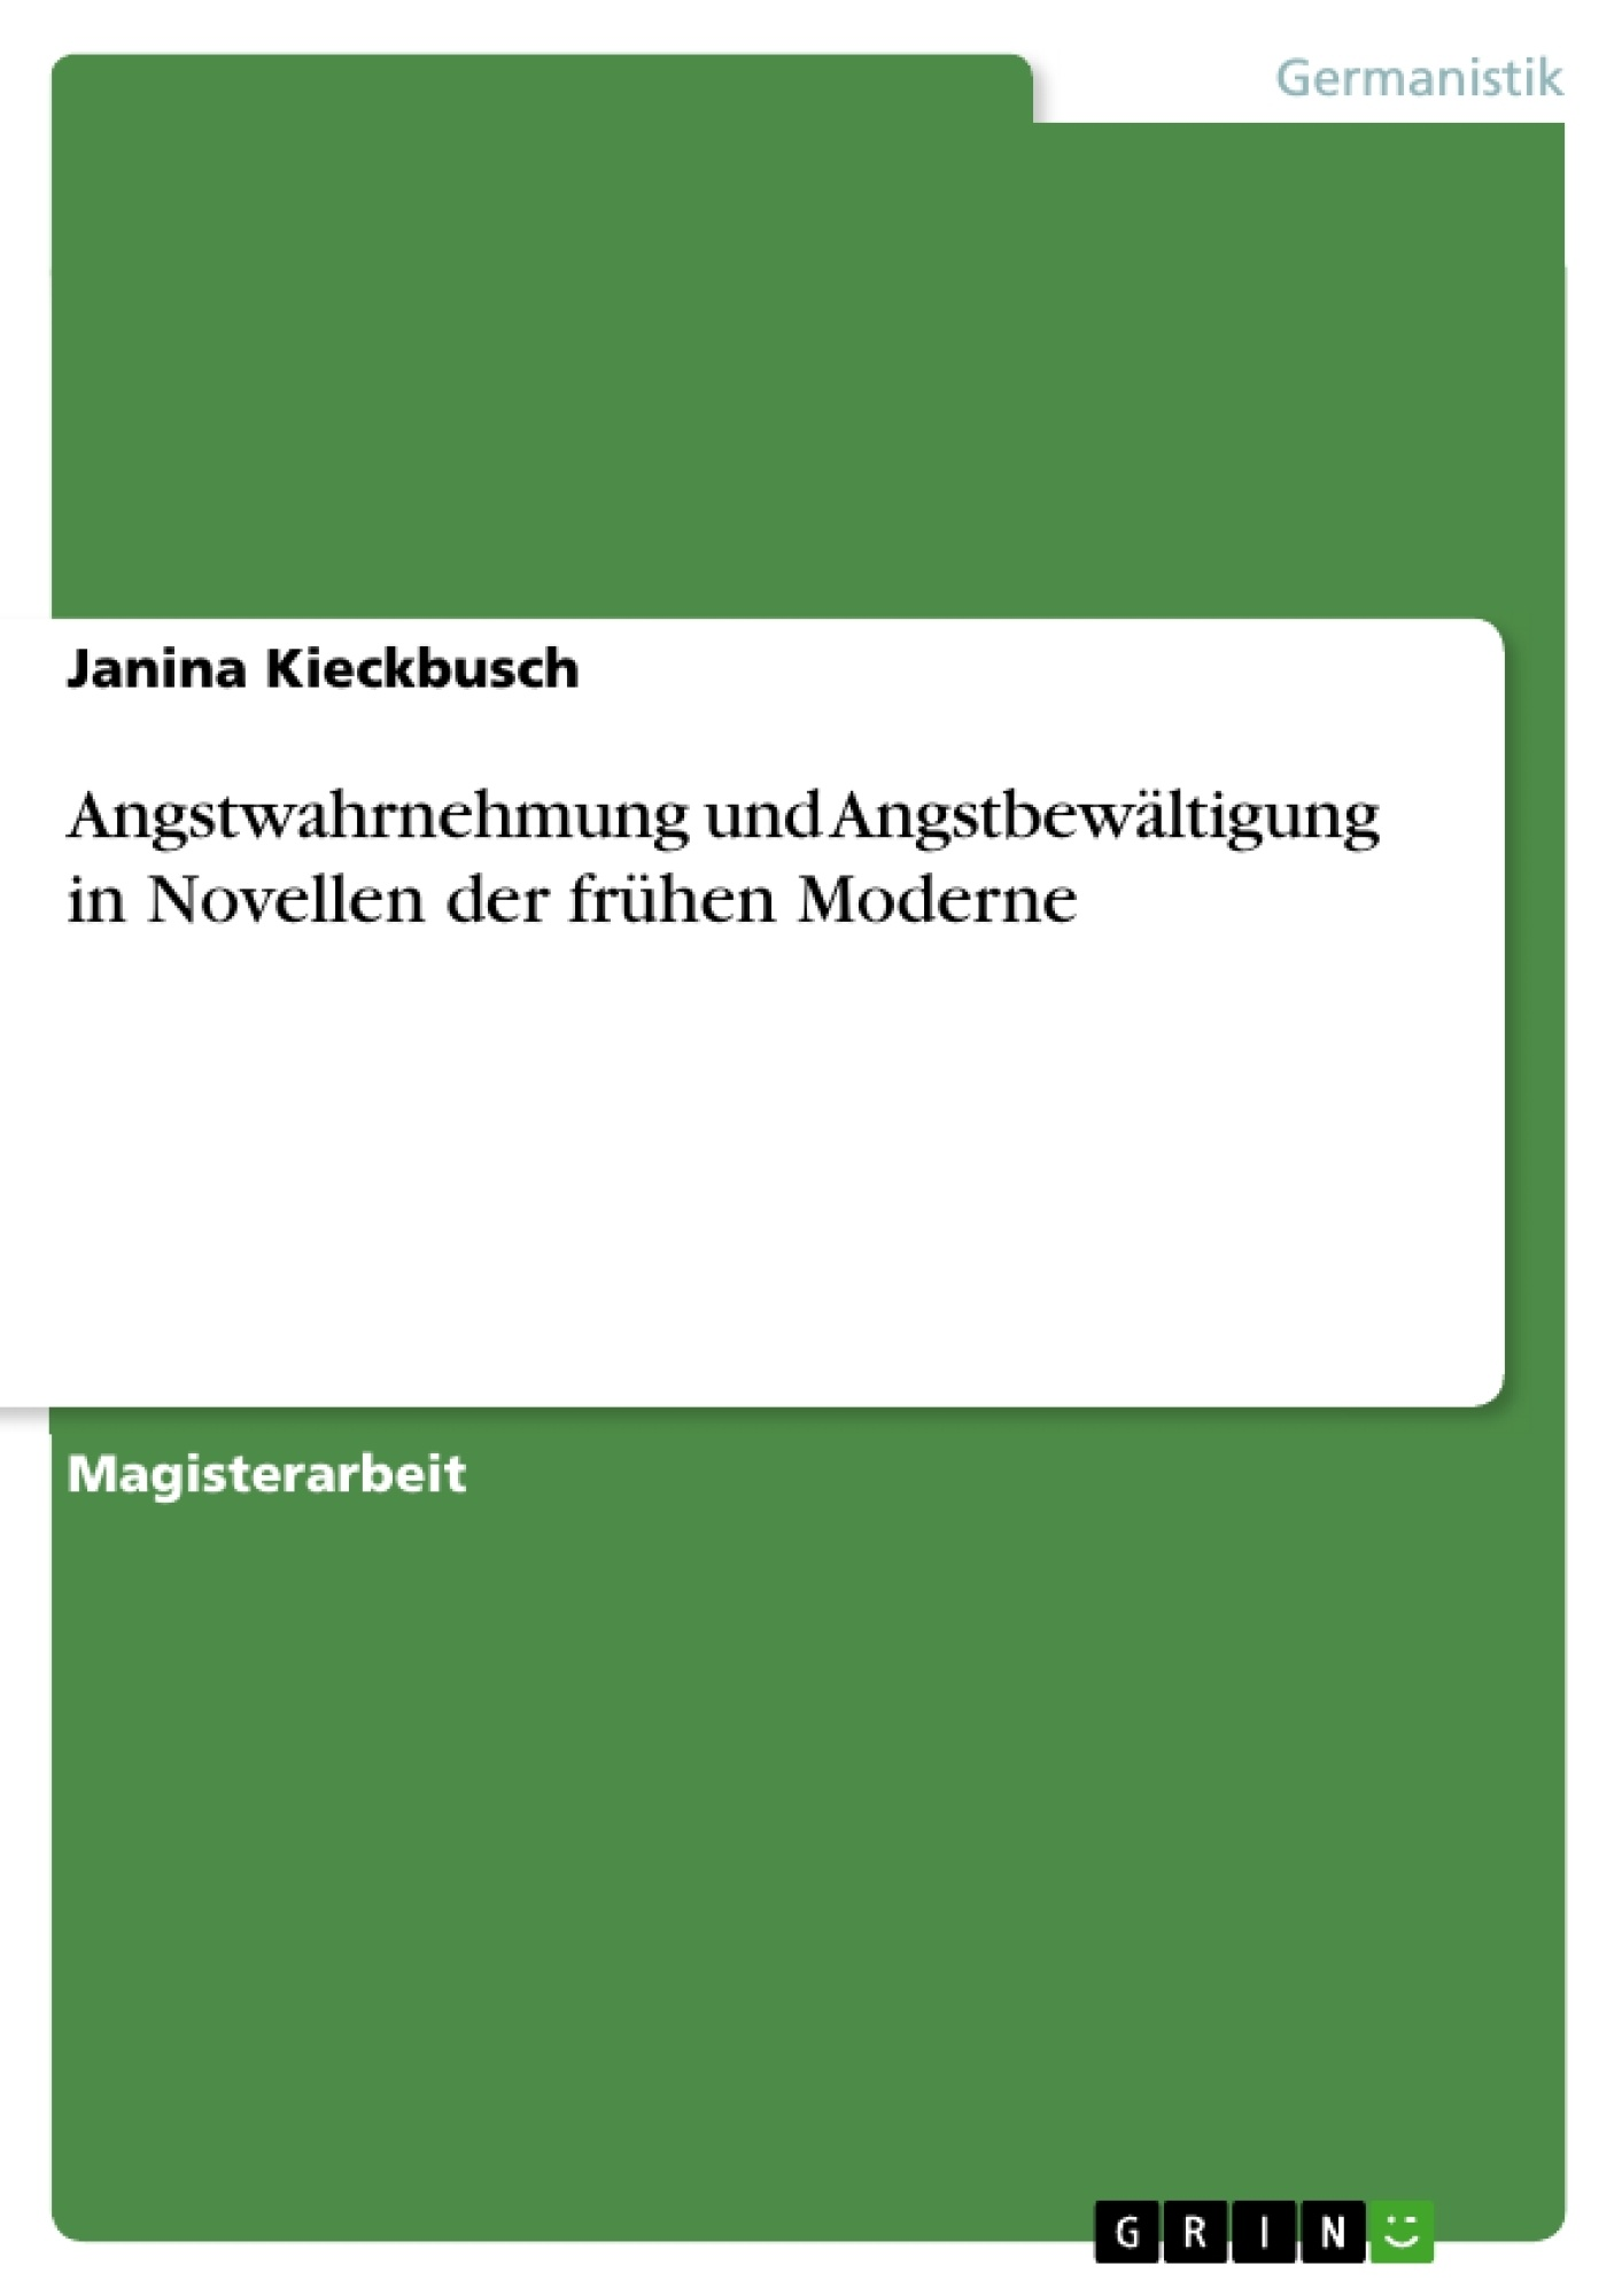 Titel: Angstwahrnehmung und Angstbewältigung in Novellen der frühen Moderne